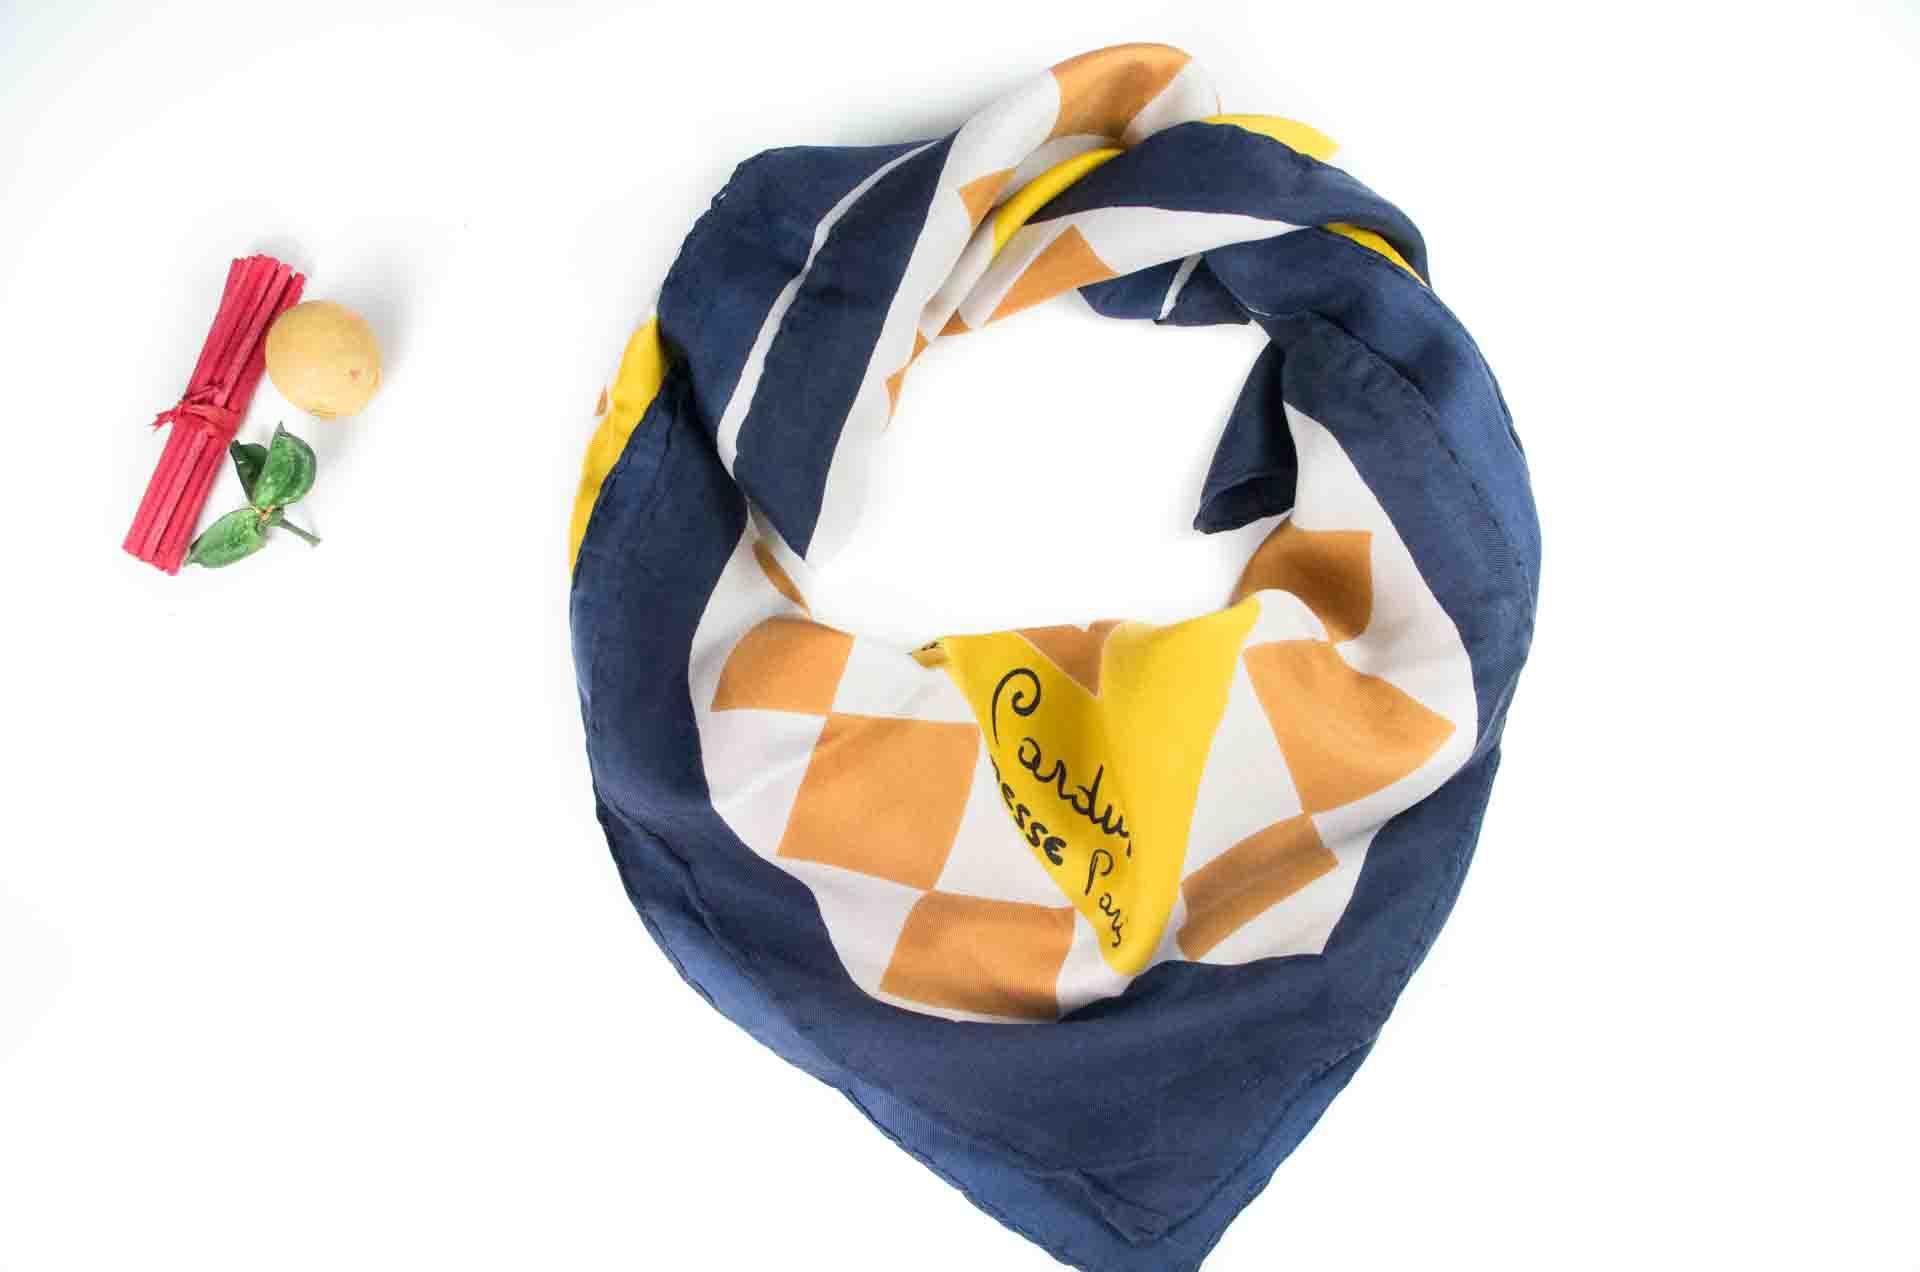 foulard pierre cardin jeunesse 3